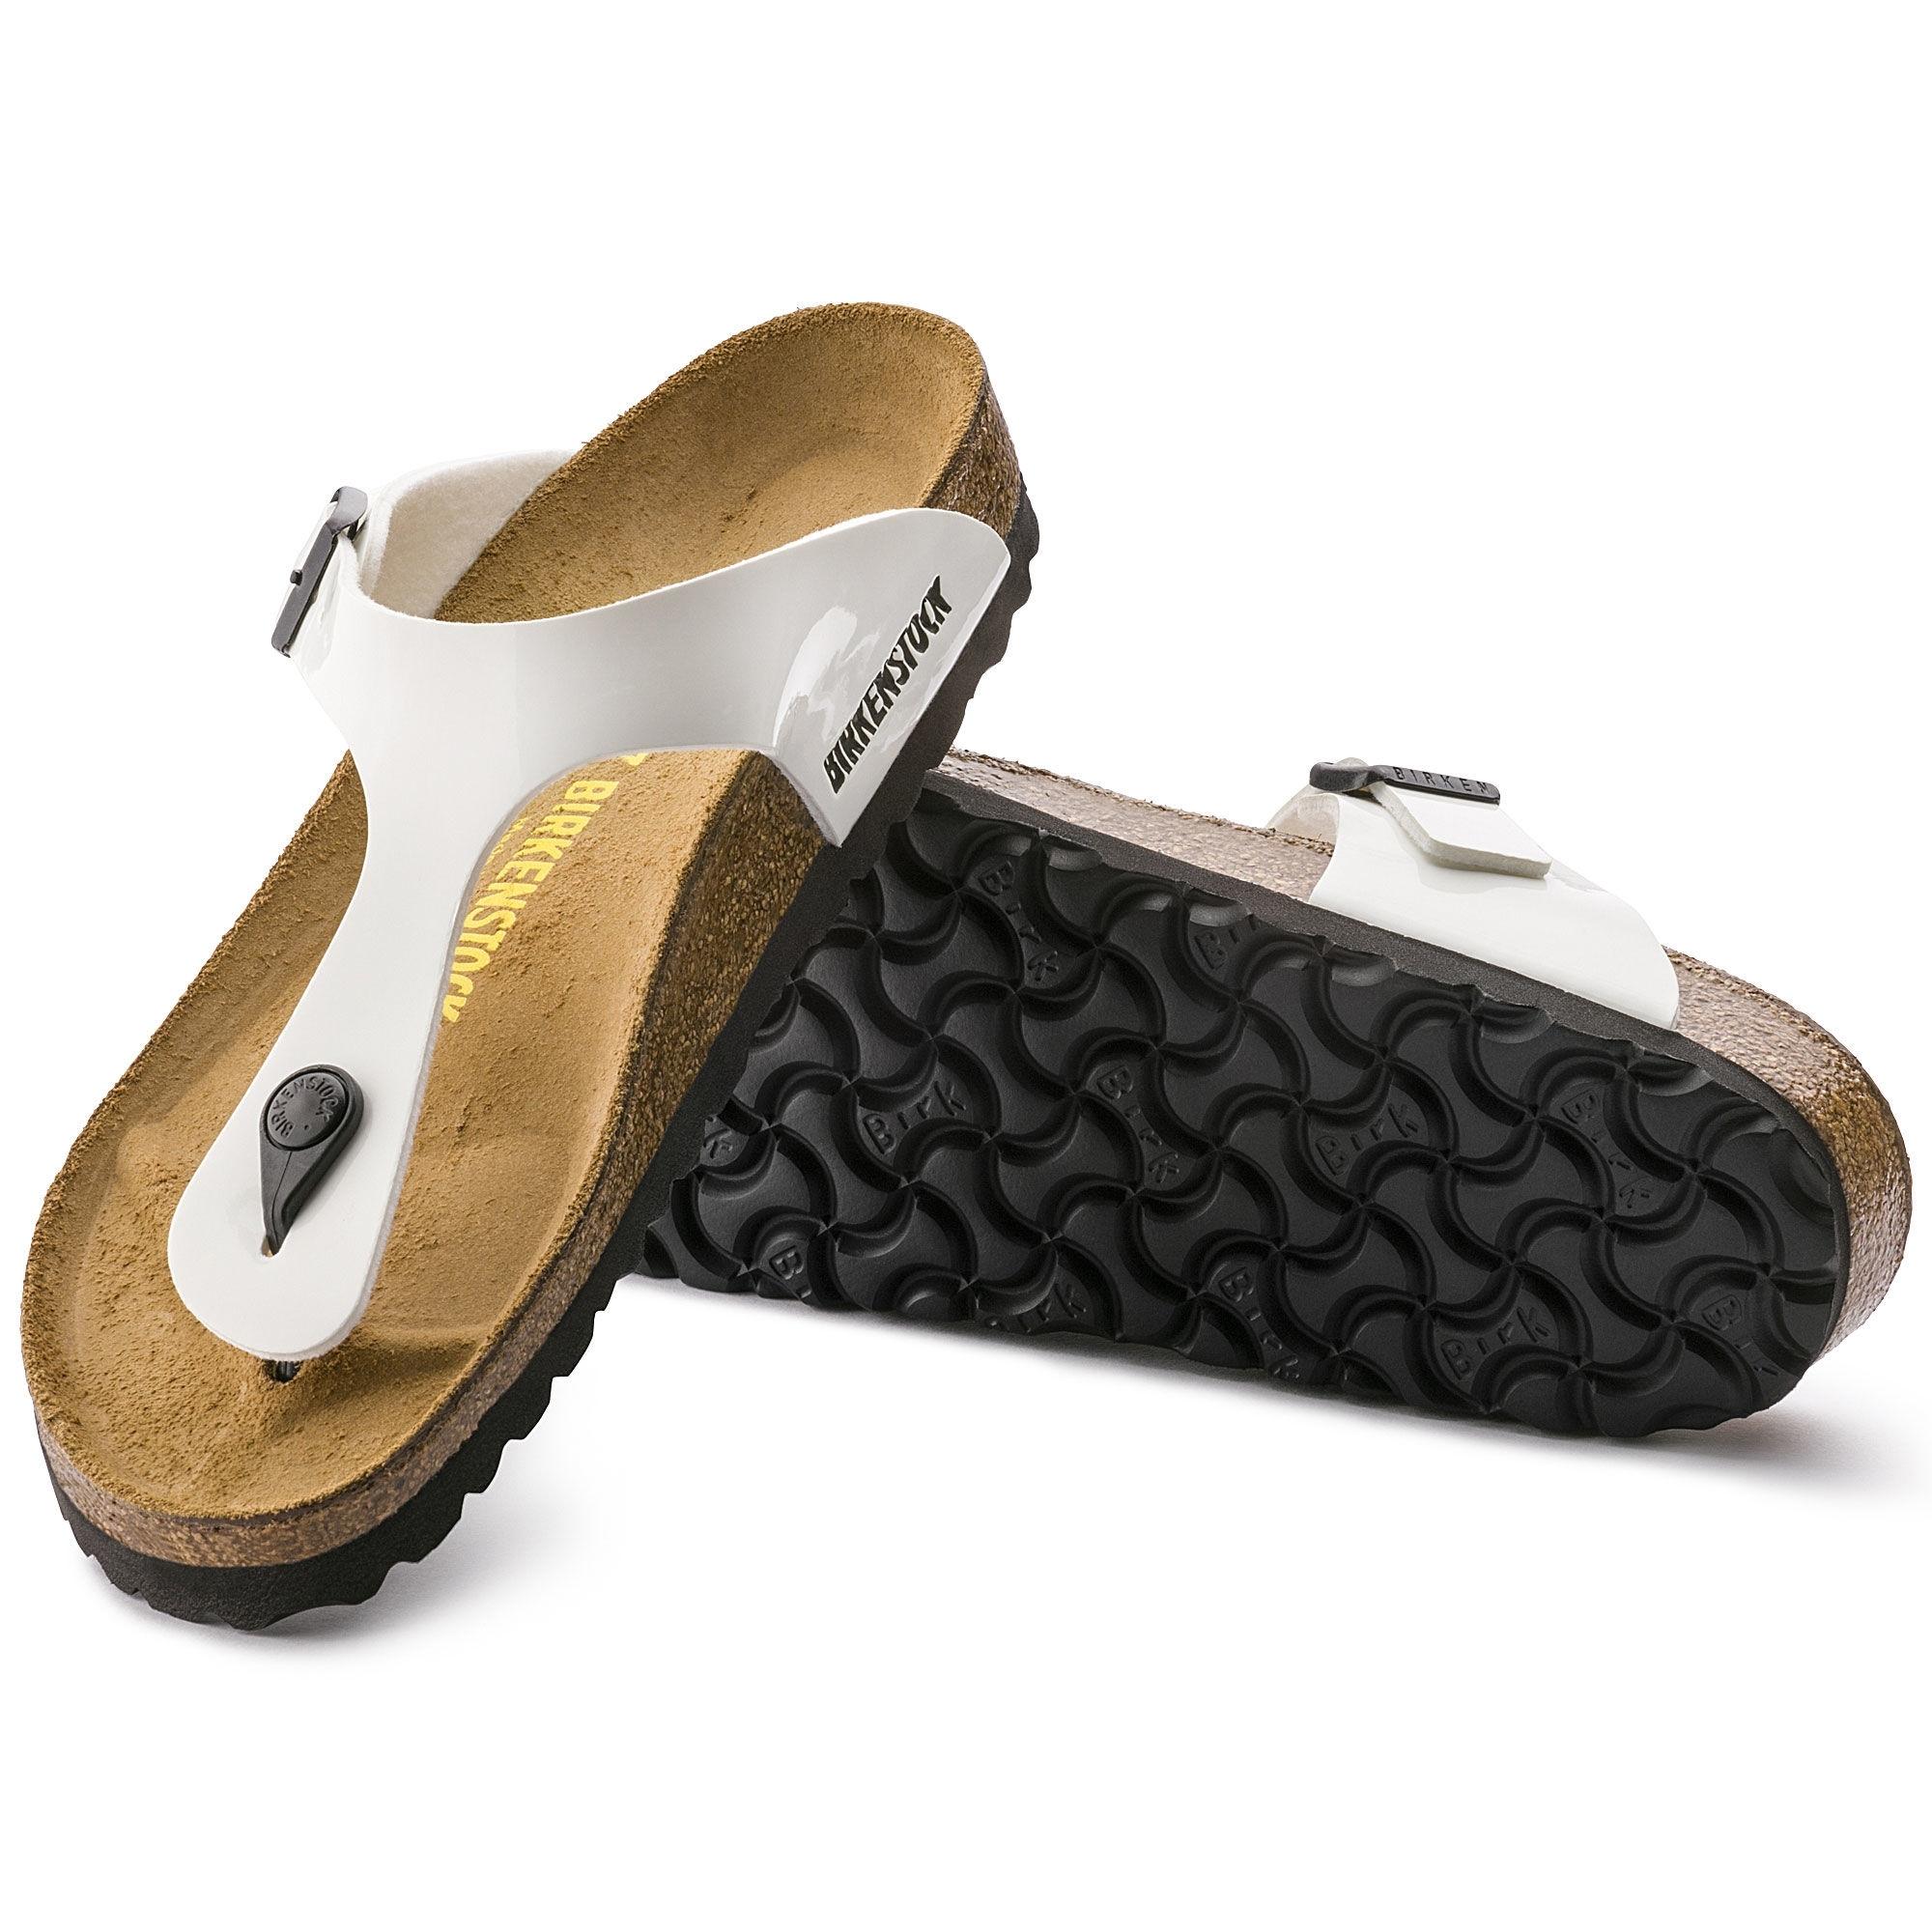 Birkenstock-GIZEH-Womens-Ladies-Birko-Flor-Regular-Fit-Summer-Toe-Post-Sandals